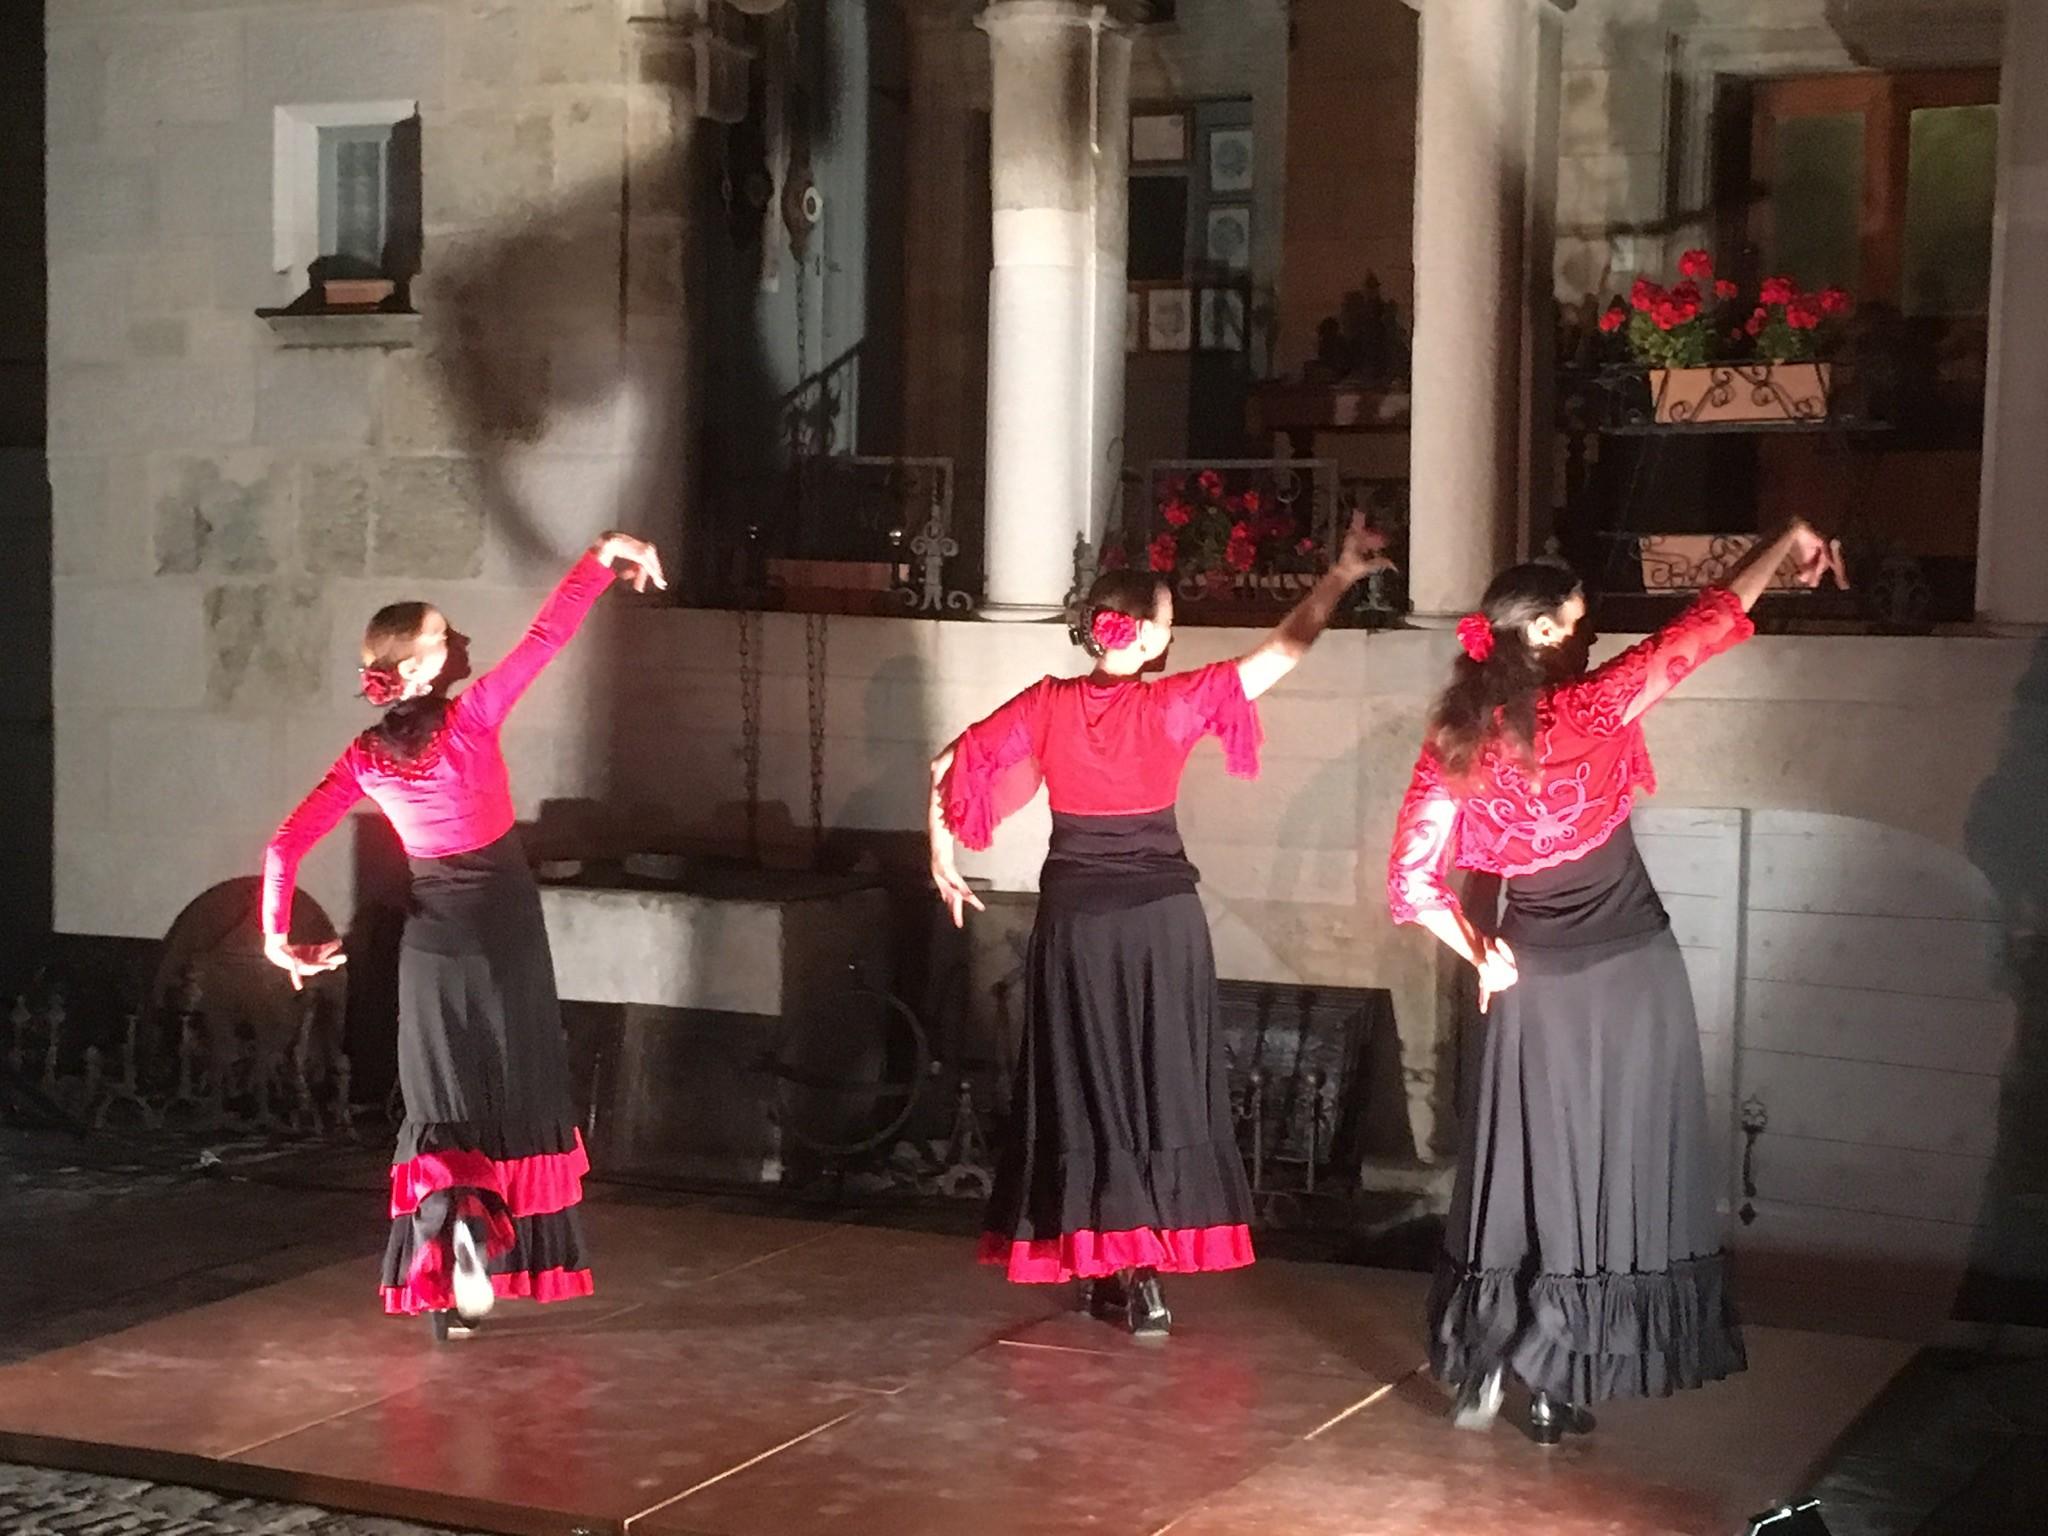 Voyage flamenco a montbozon duende flamenco tango de malaga 2